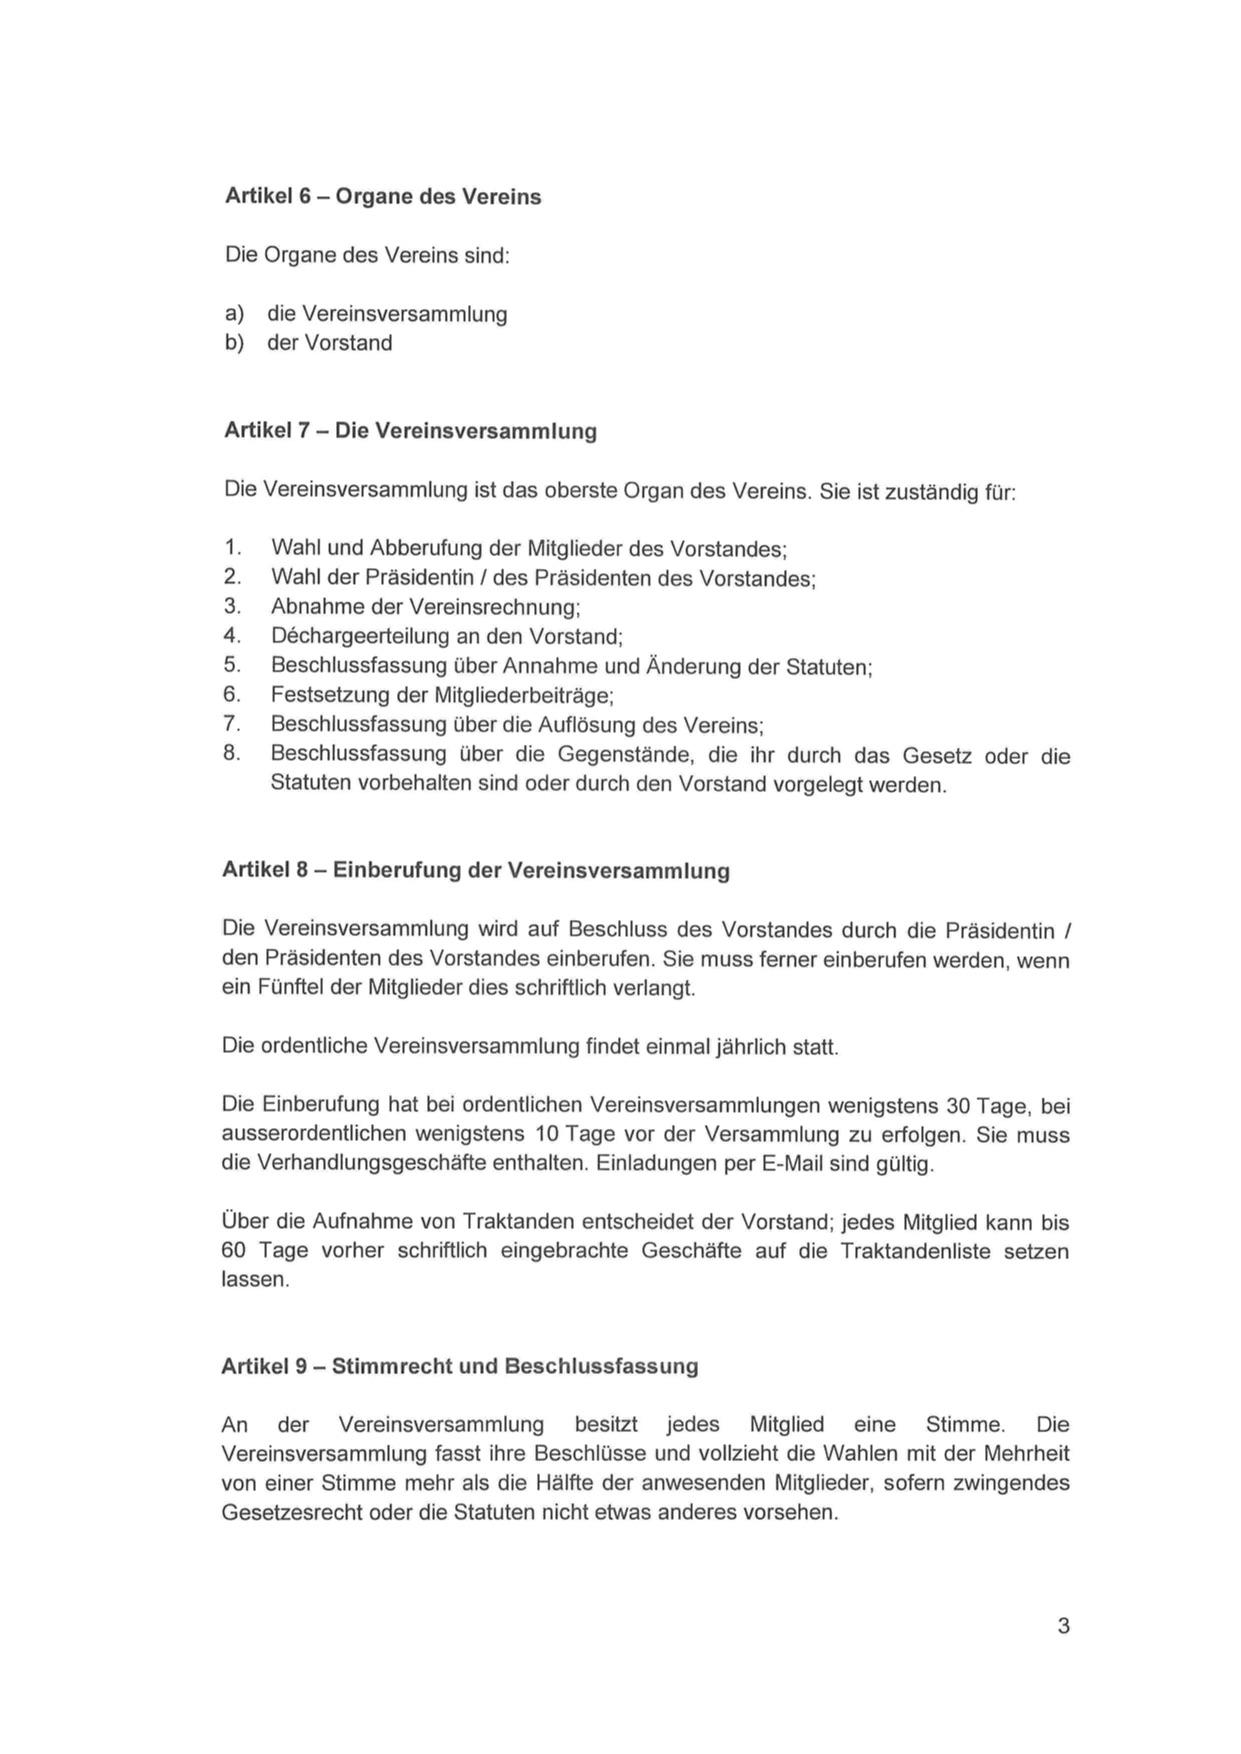 Statuten vom 26.2.19_3.jpg